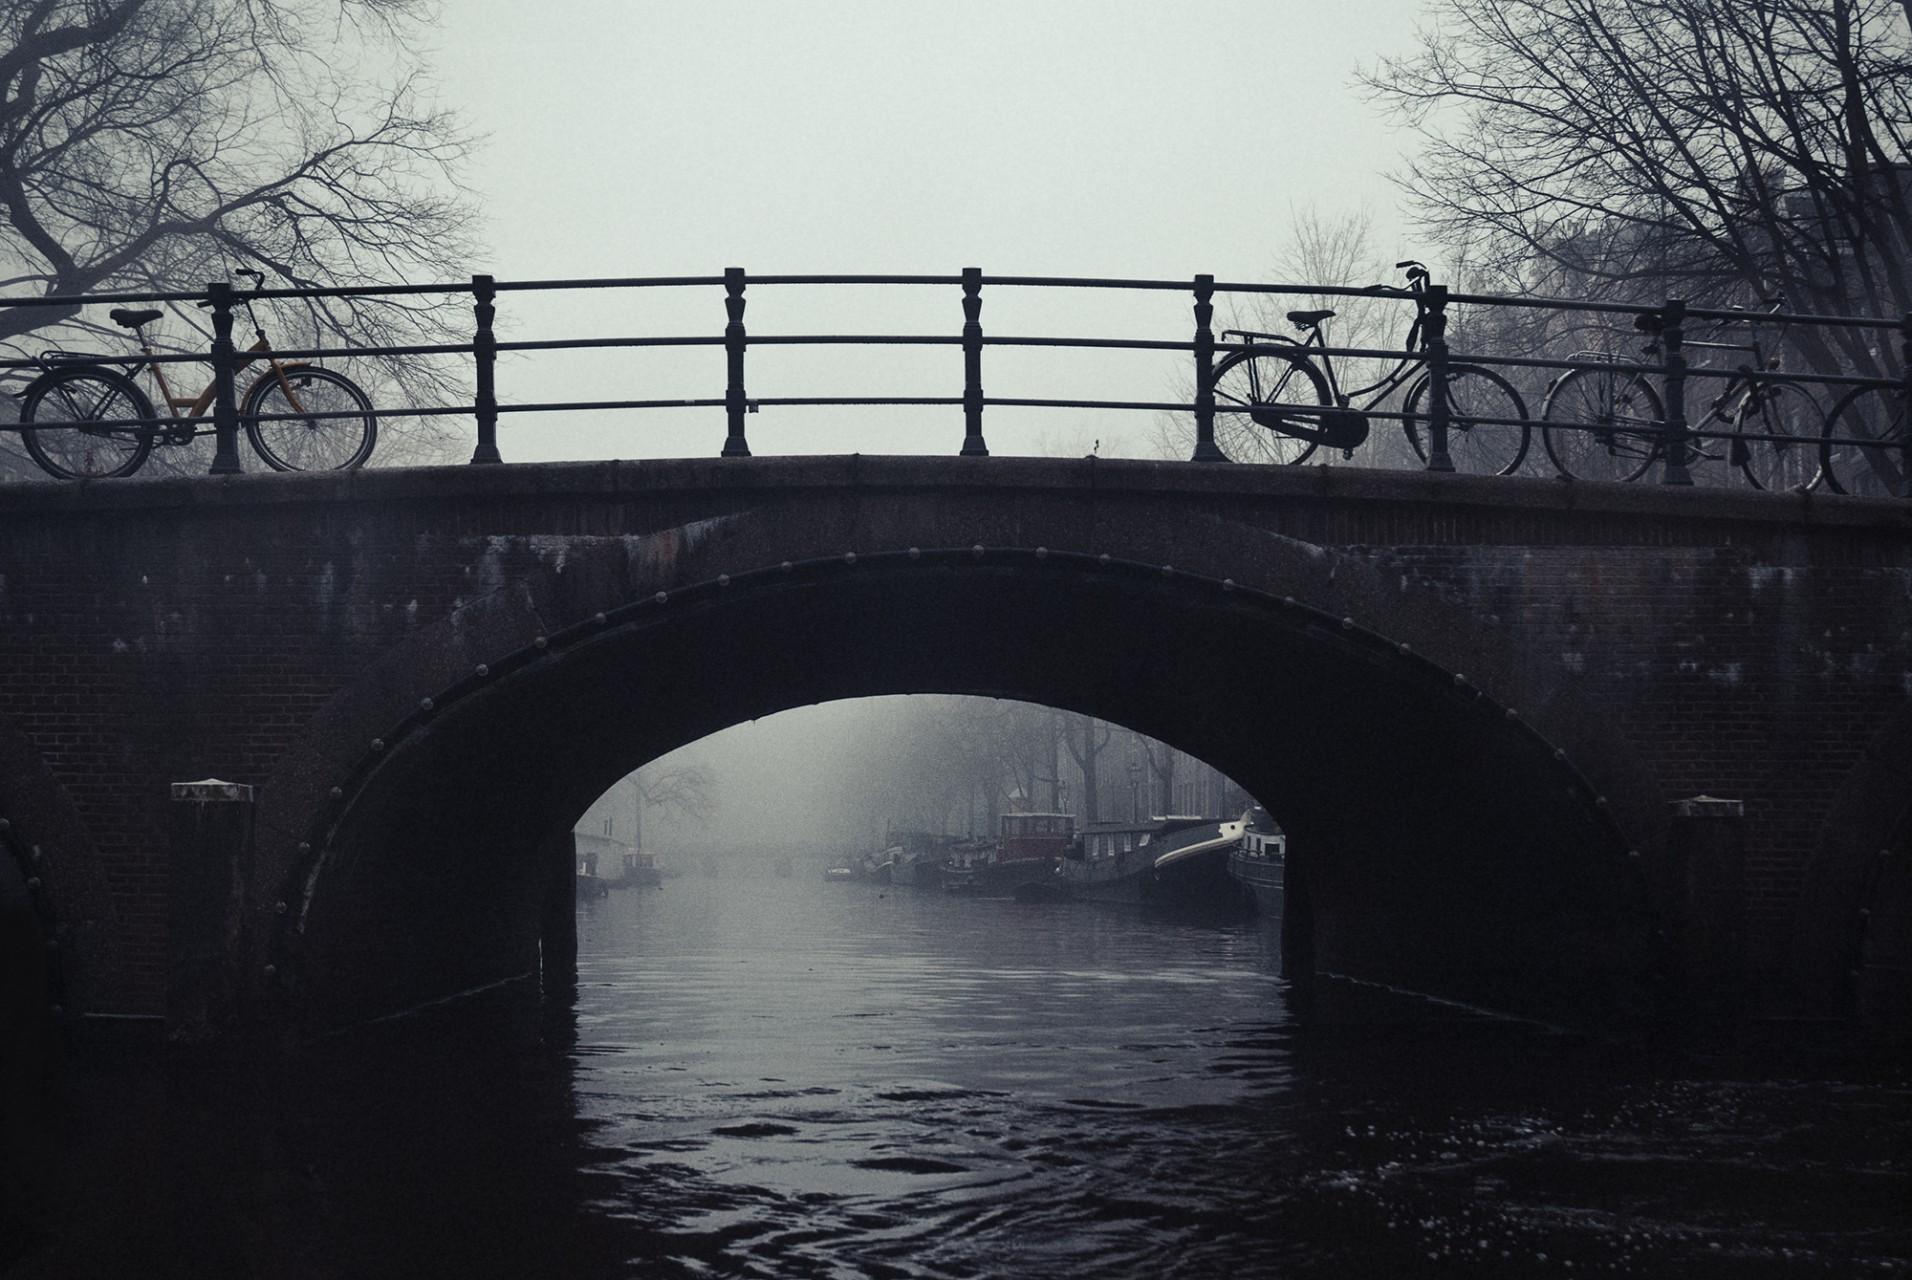 02 Amsterdam - Canalholehouse